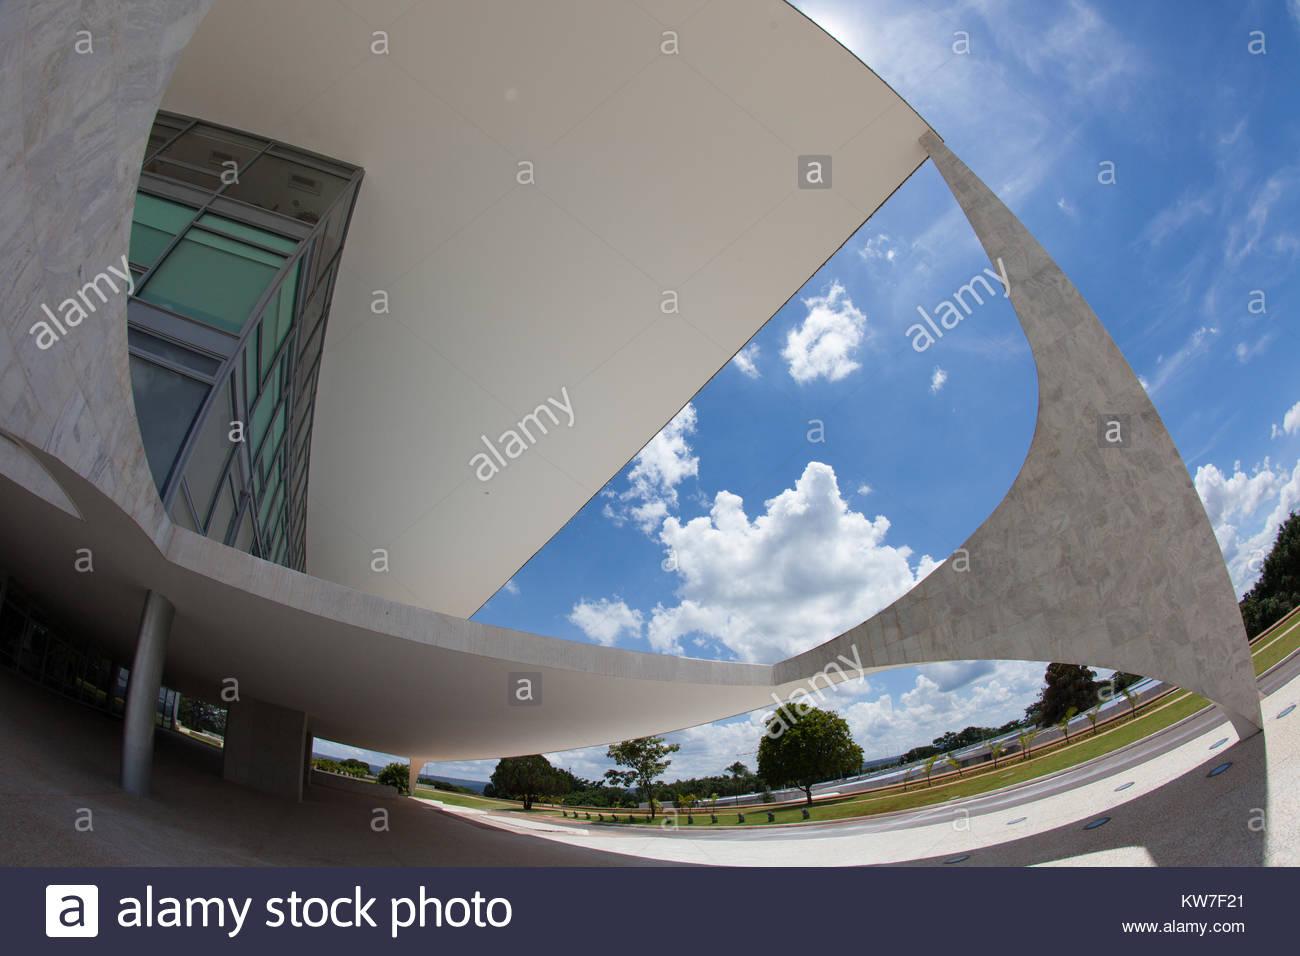 Presidential Building in Brasilia - Stock Image